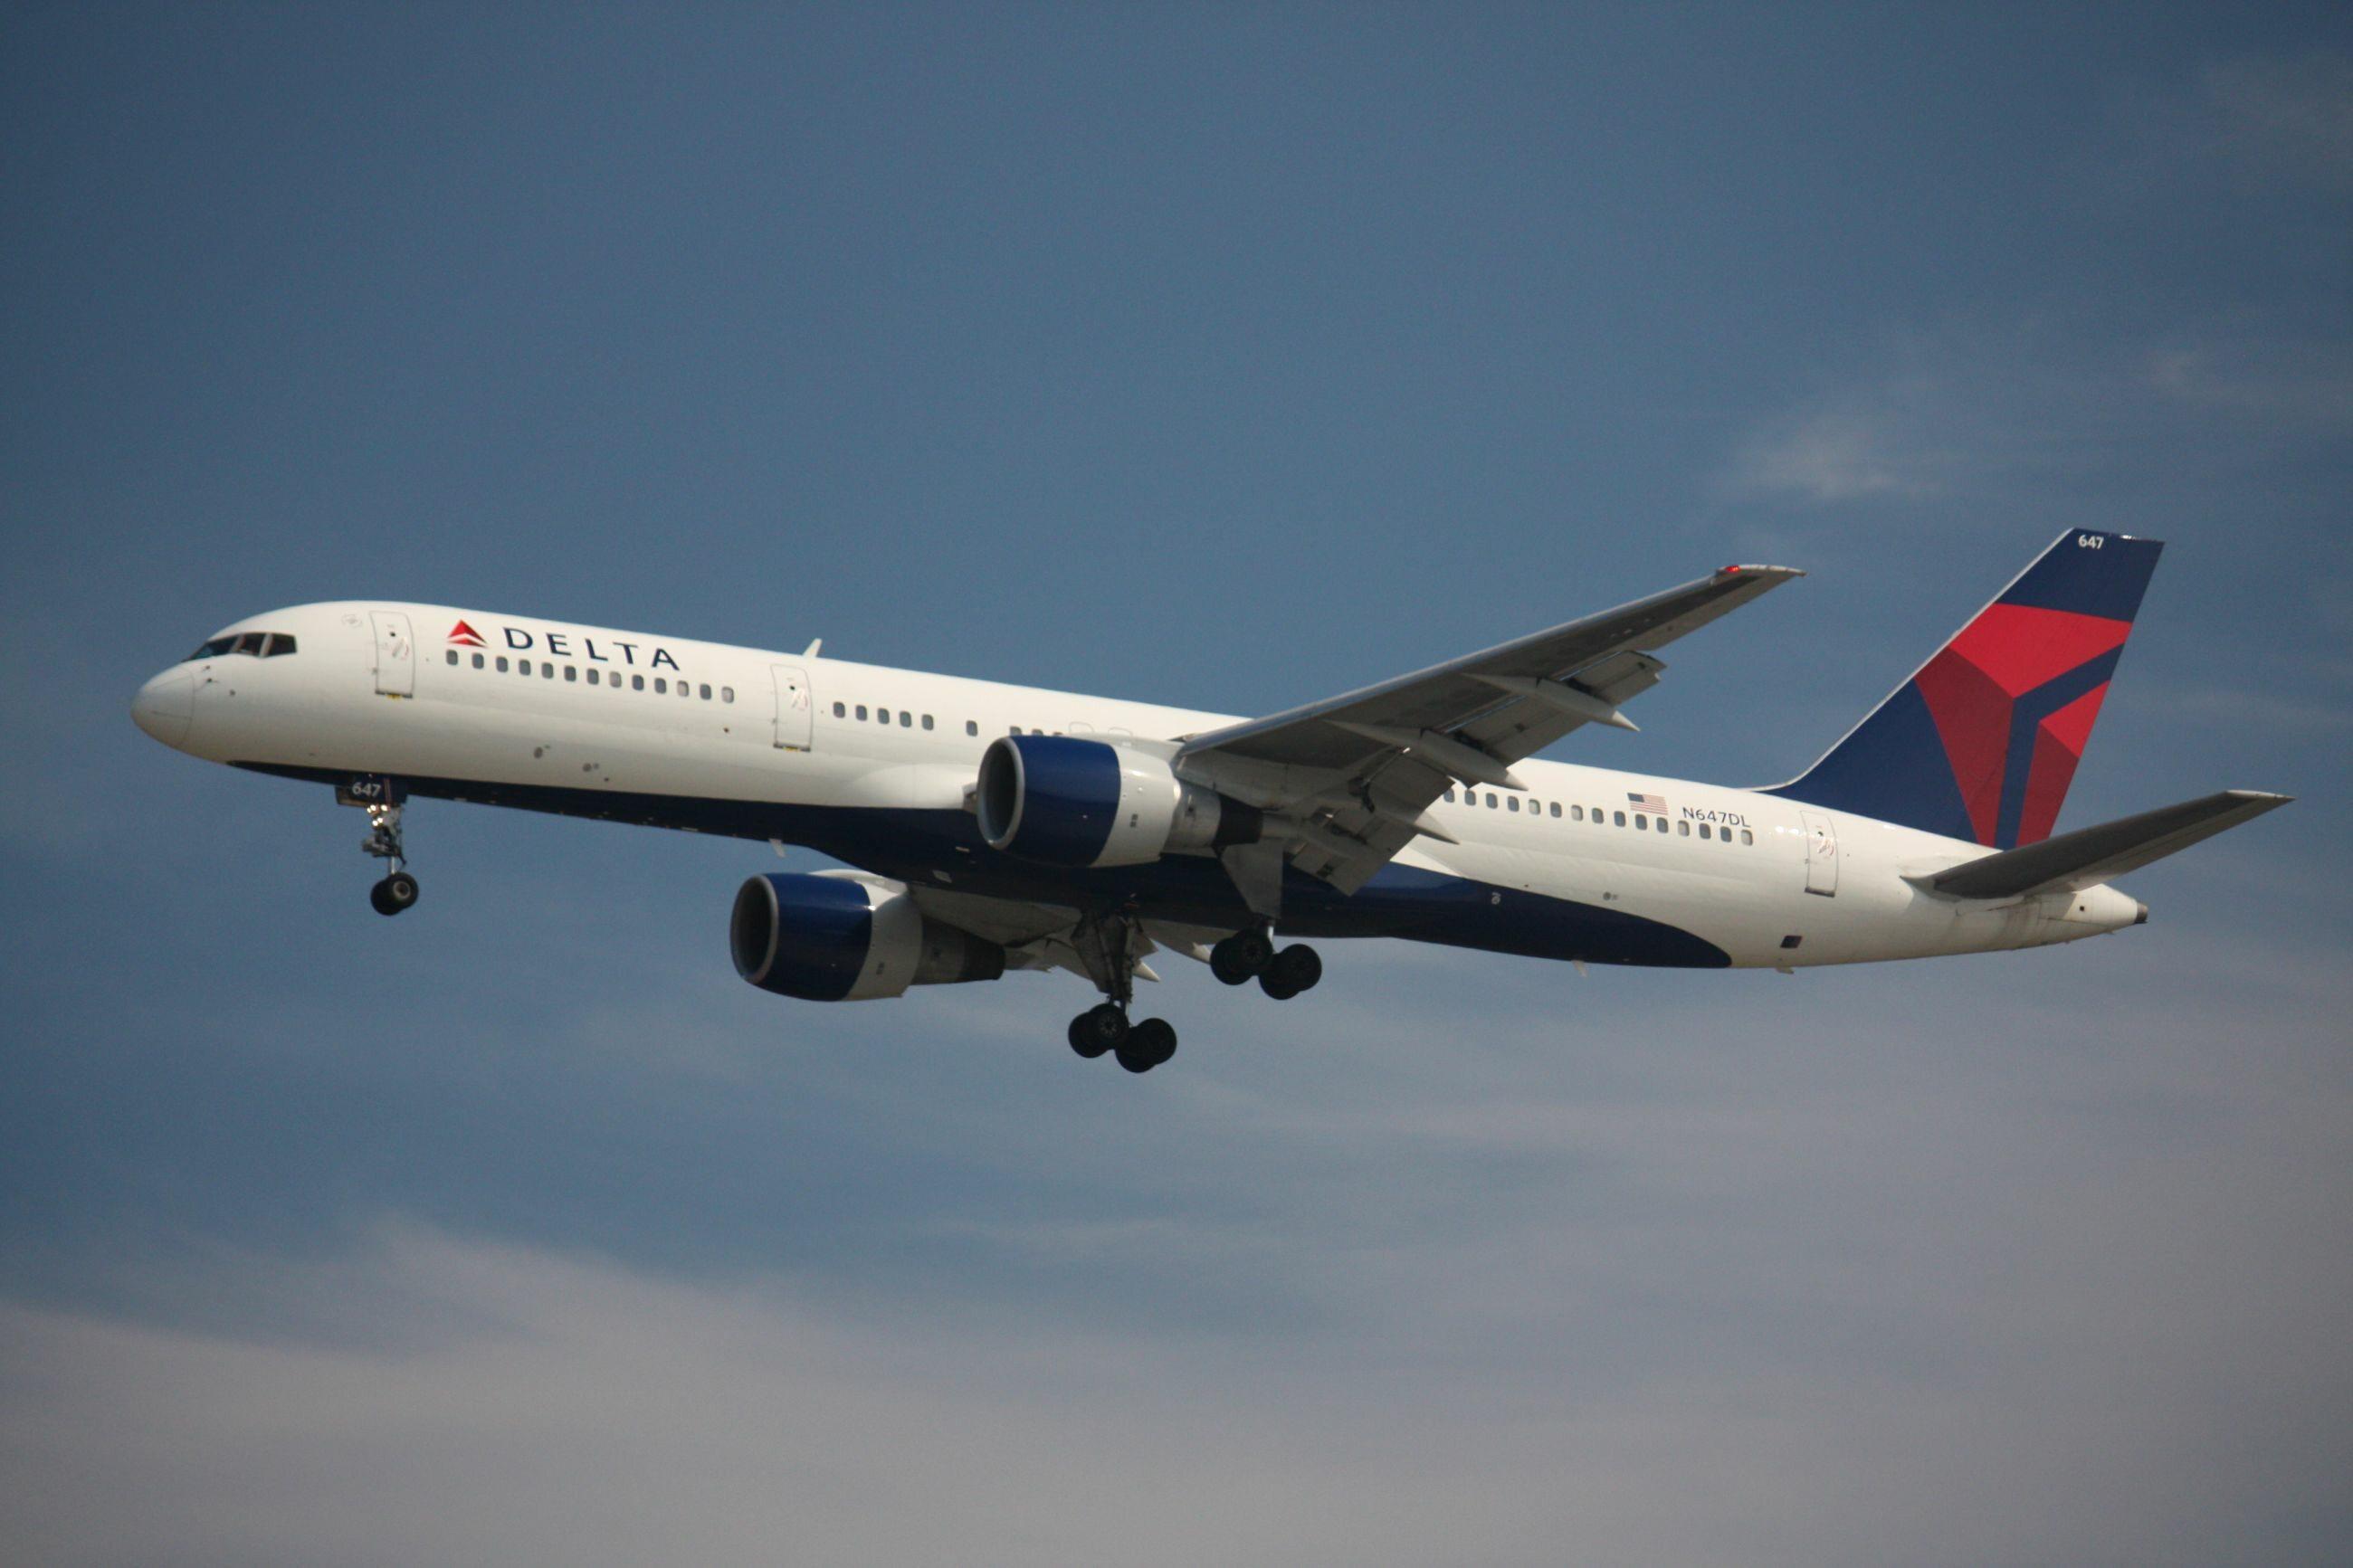 Samolot Delta Air Lines, zdjęcie ilustracyjne